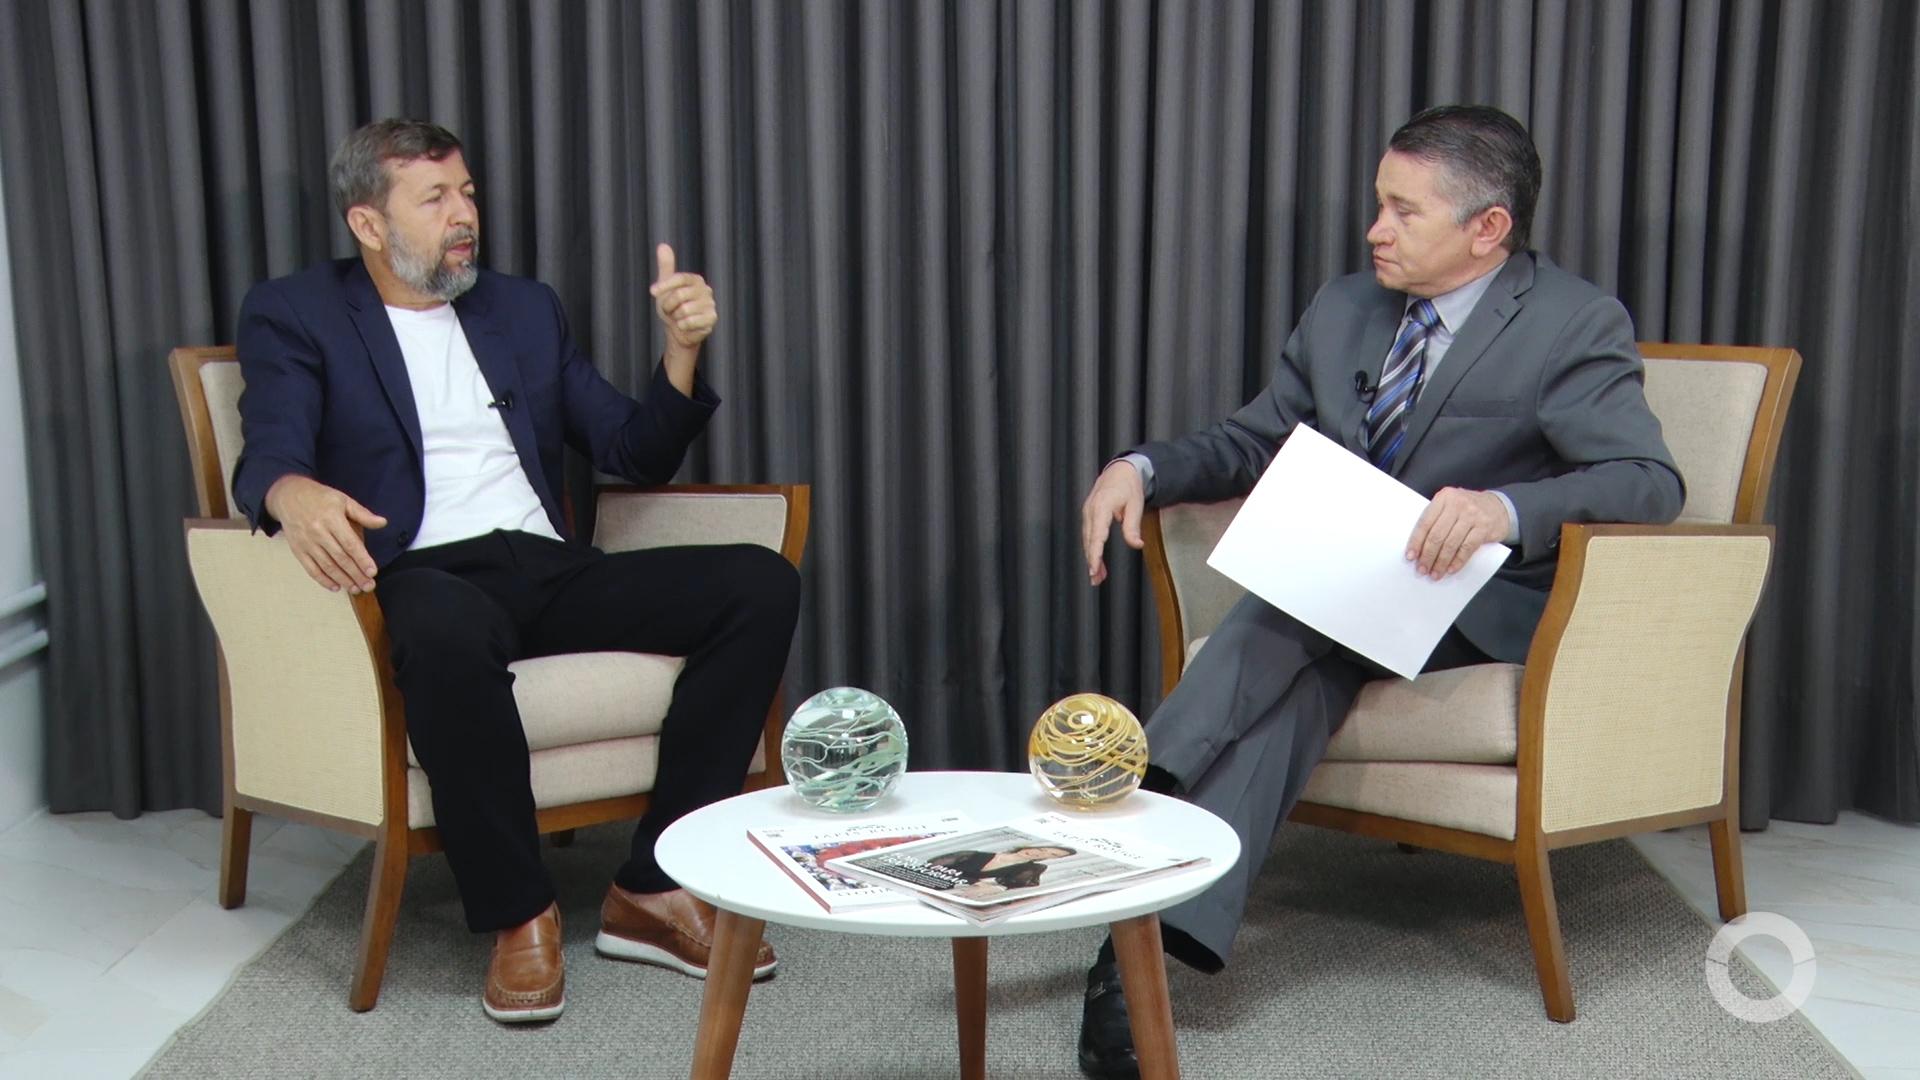 Política entrevista Élcio Batista, Vice-Prefeito de Fortaleza